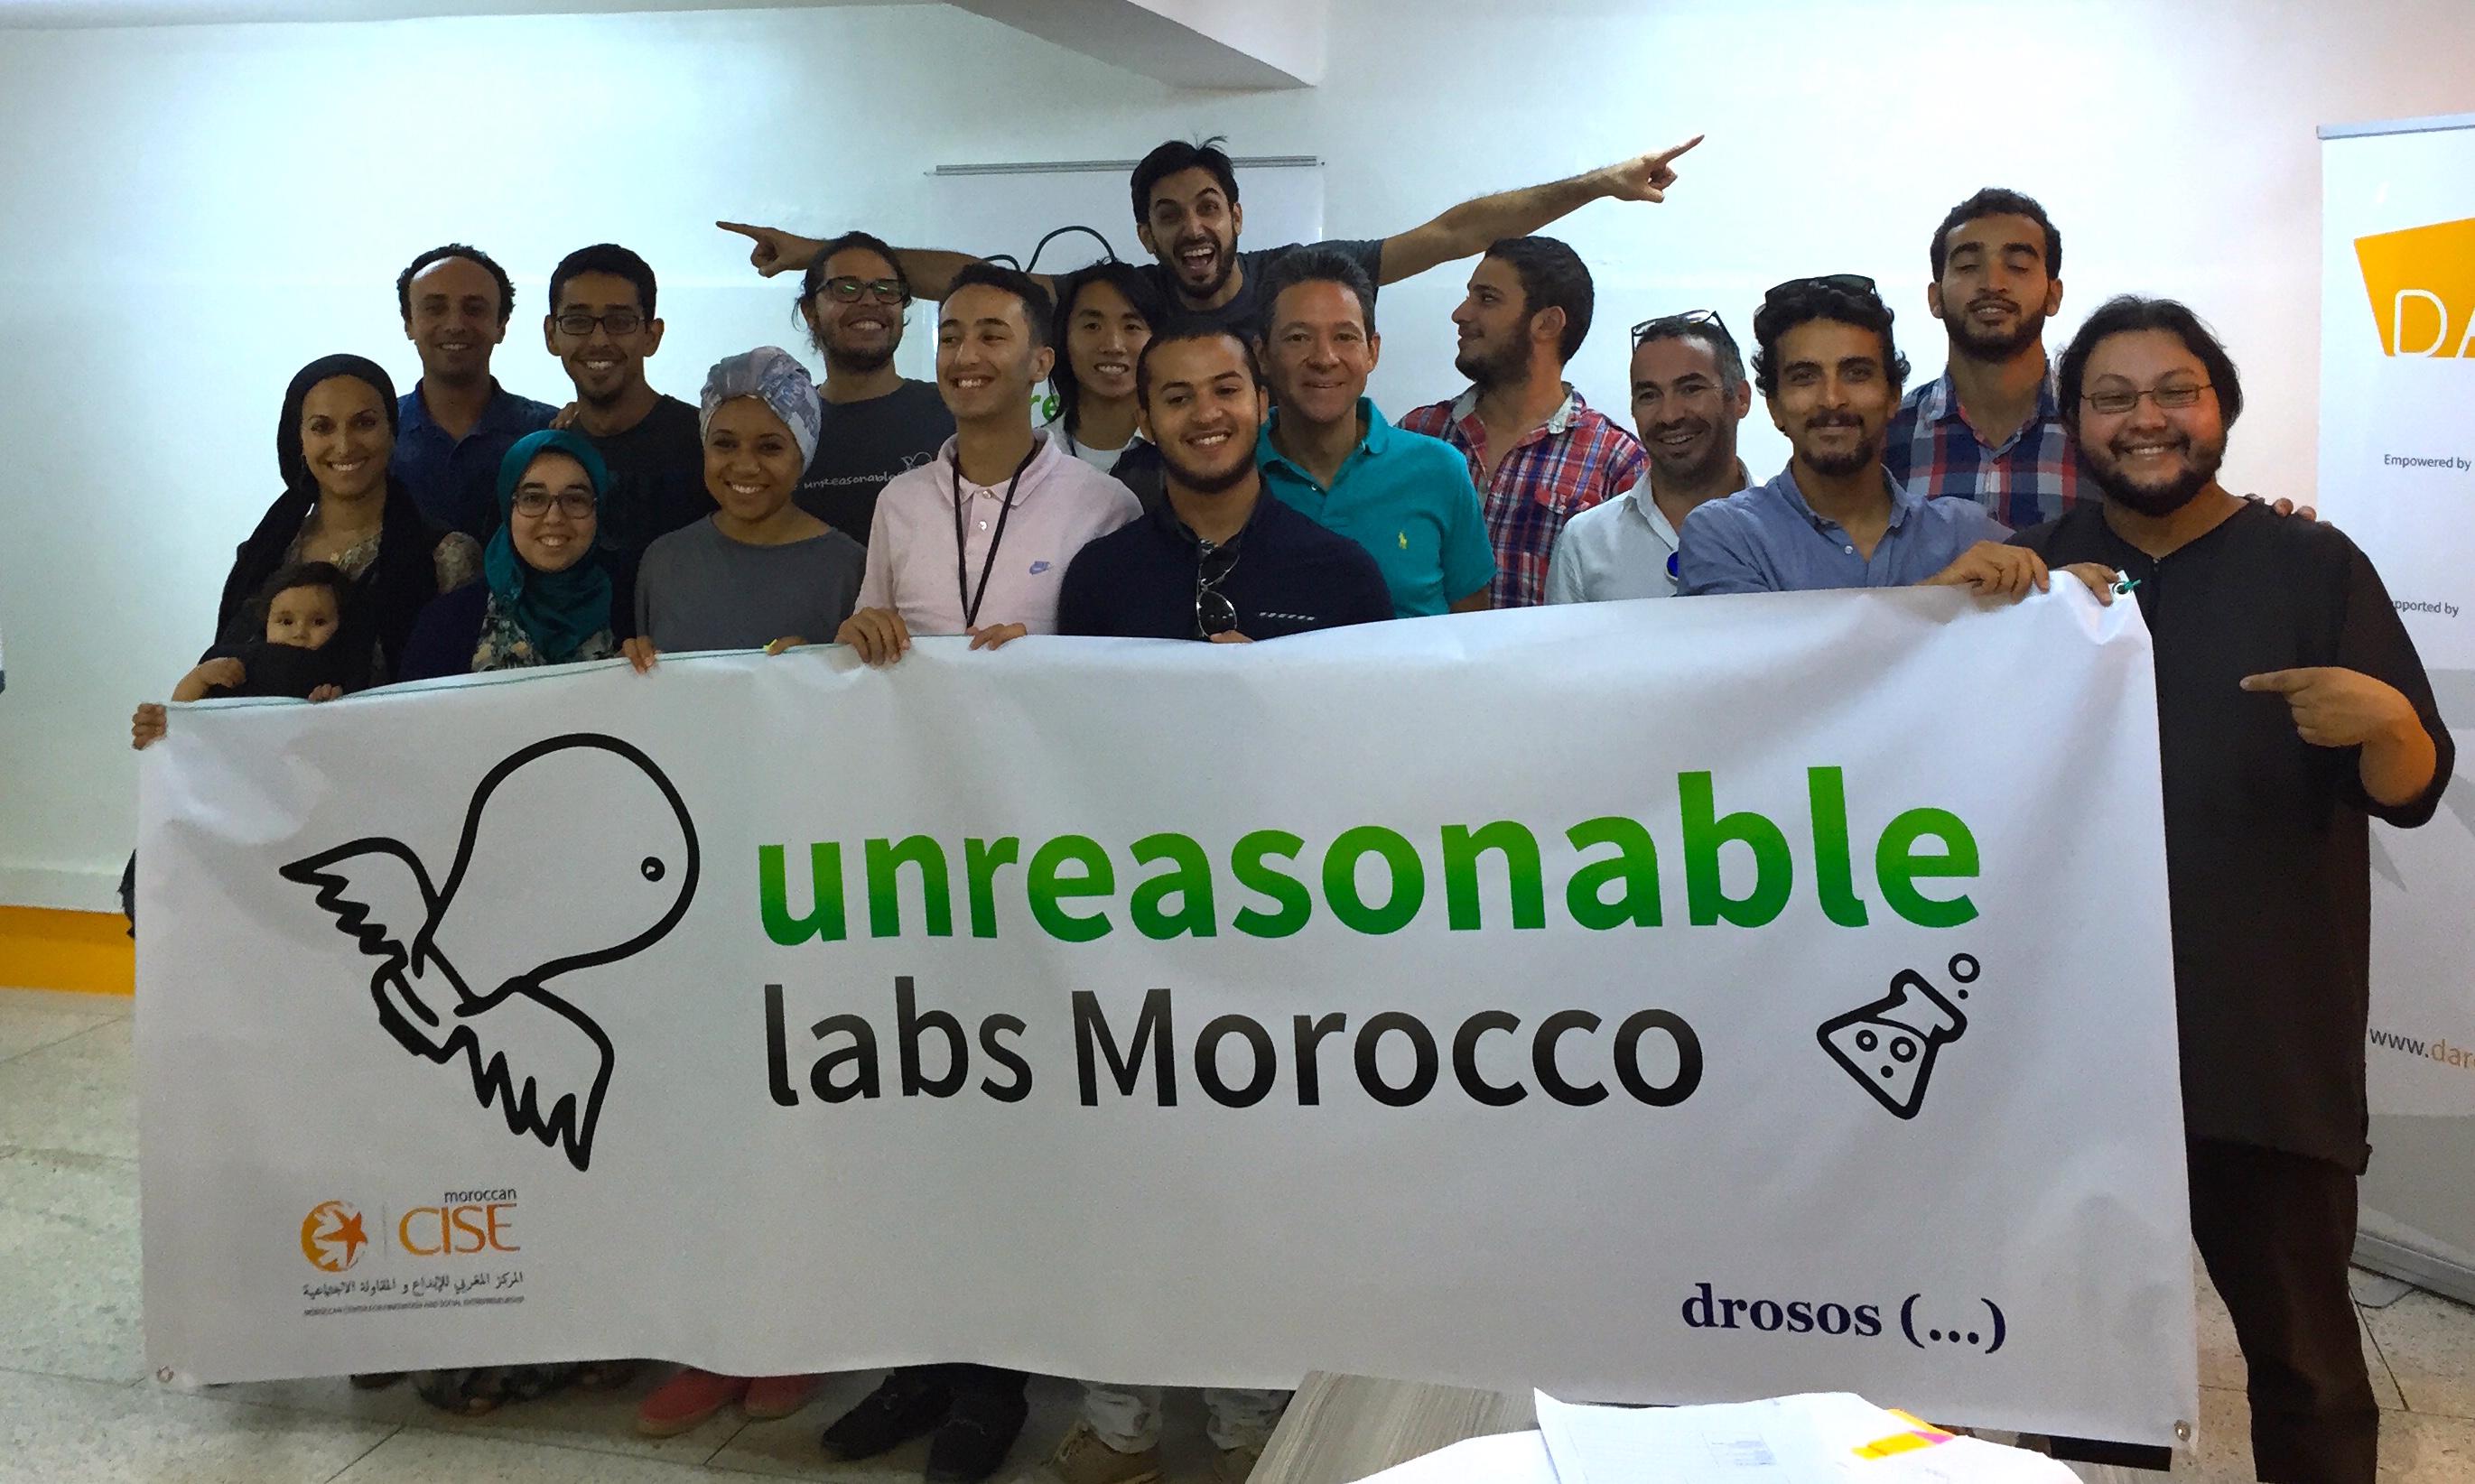 unreasonable morocco